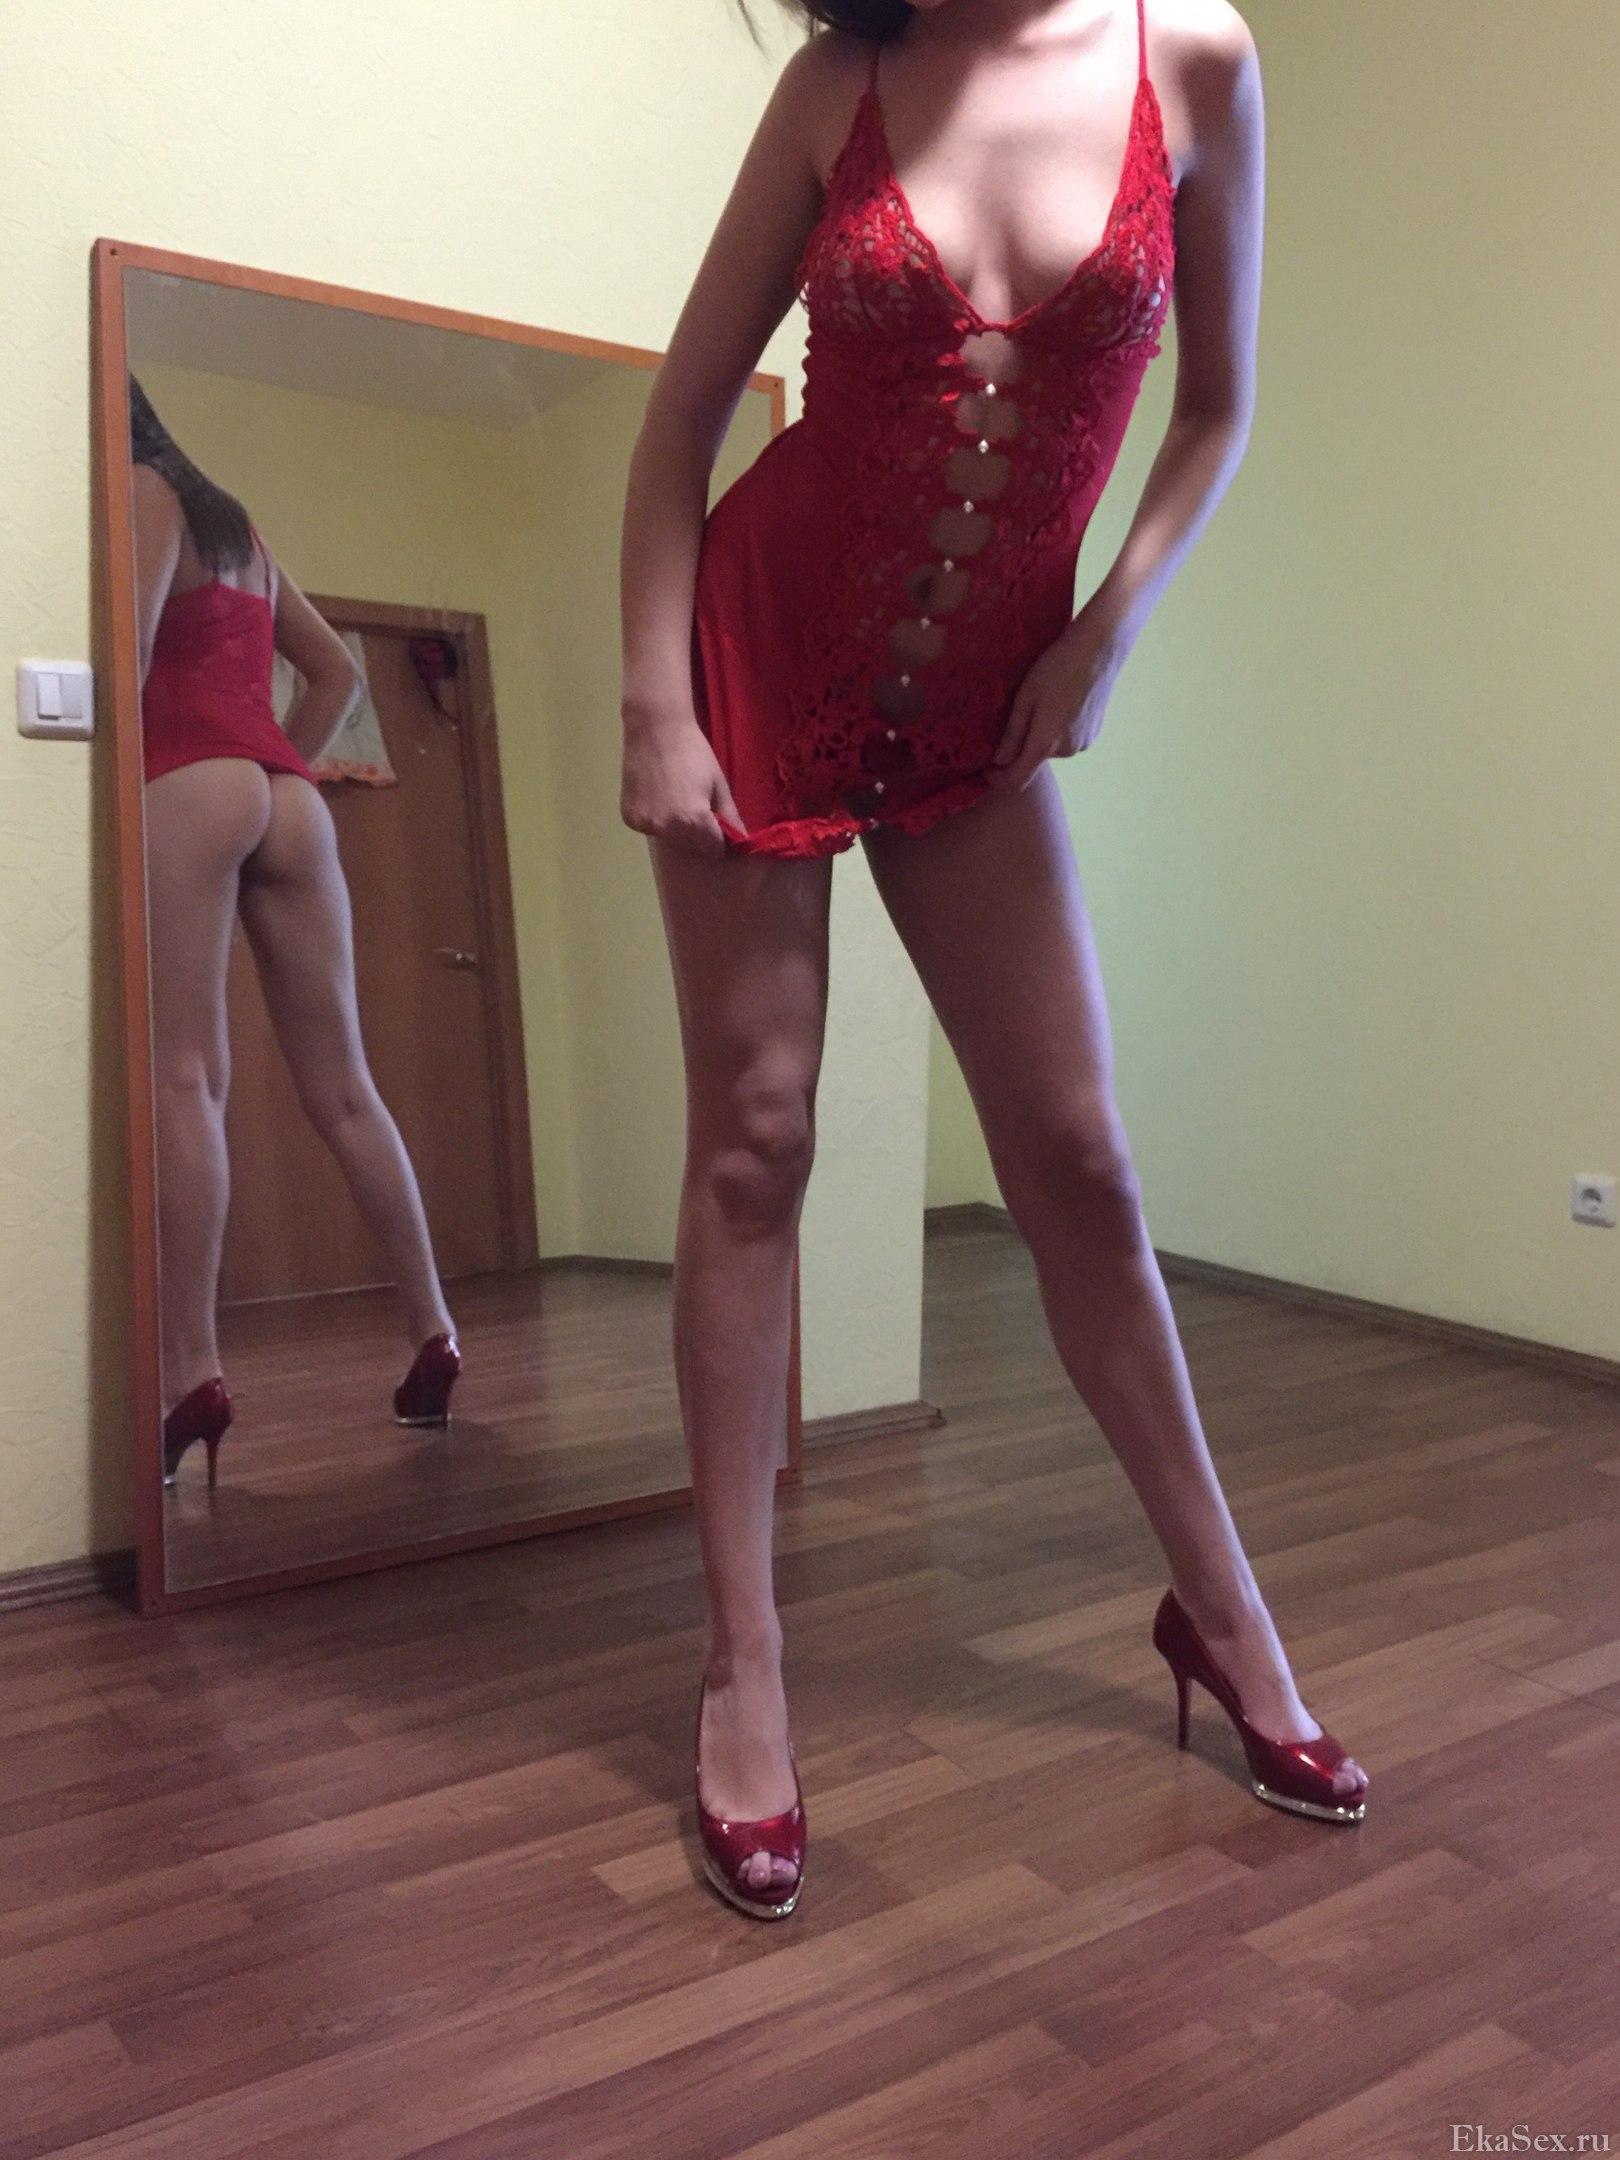 фото проститутки Подружки из города Екатеринбург